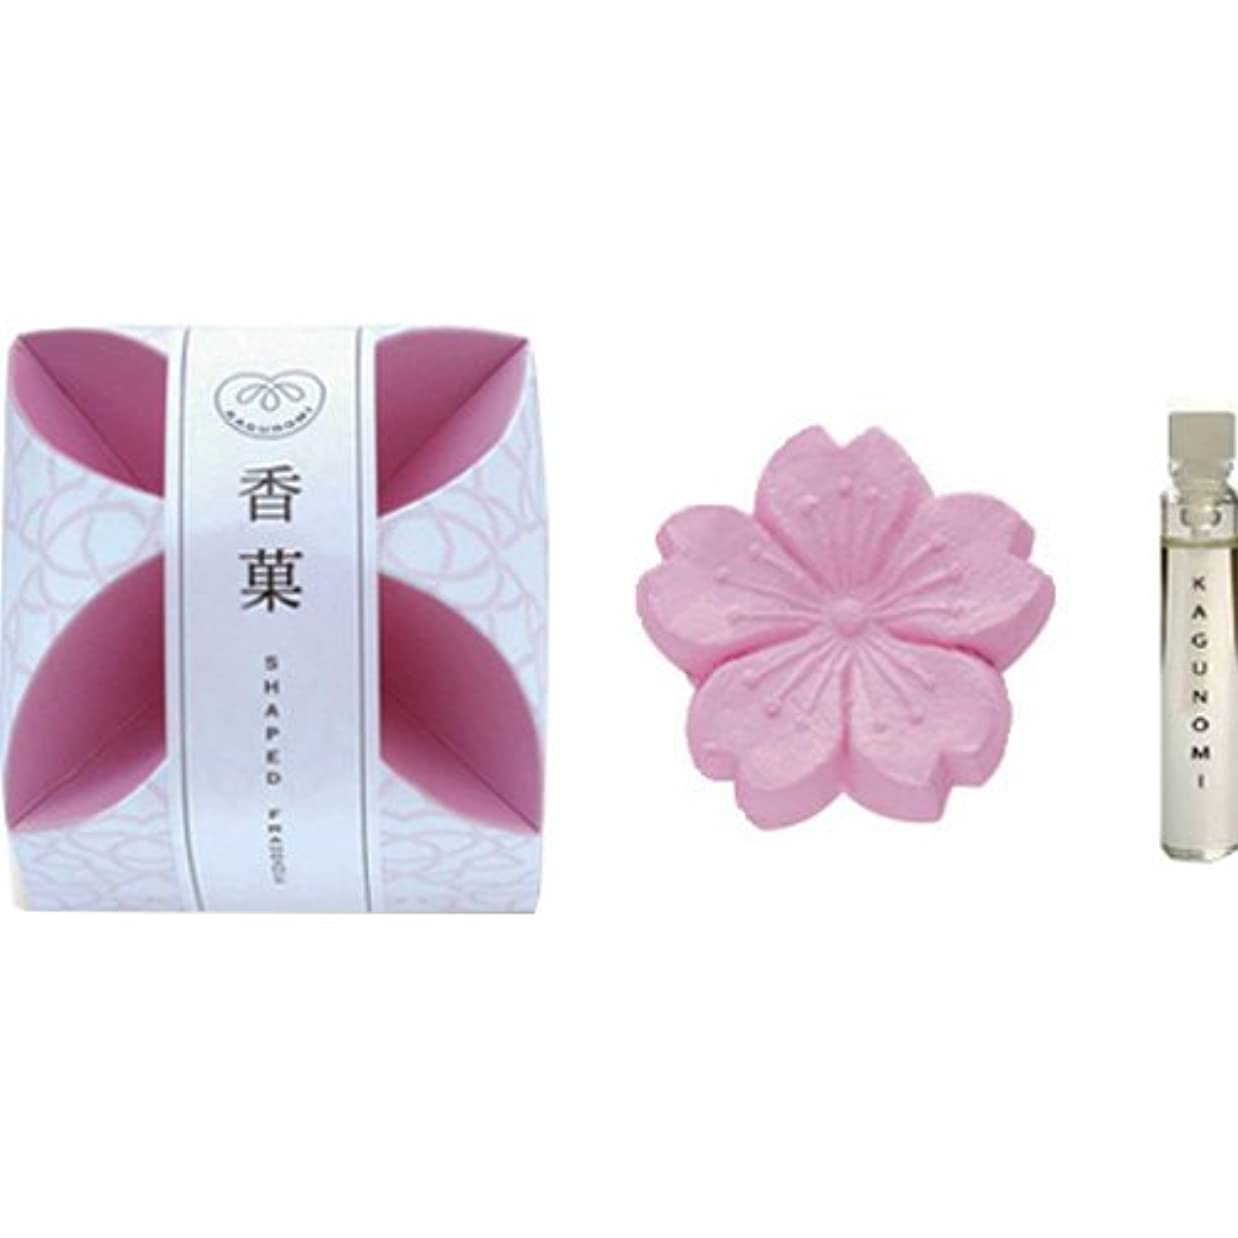 揮発性上記の頭と肩スクリュー香菓 さくら形(桜色) 1入 オイル1.8mm付